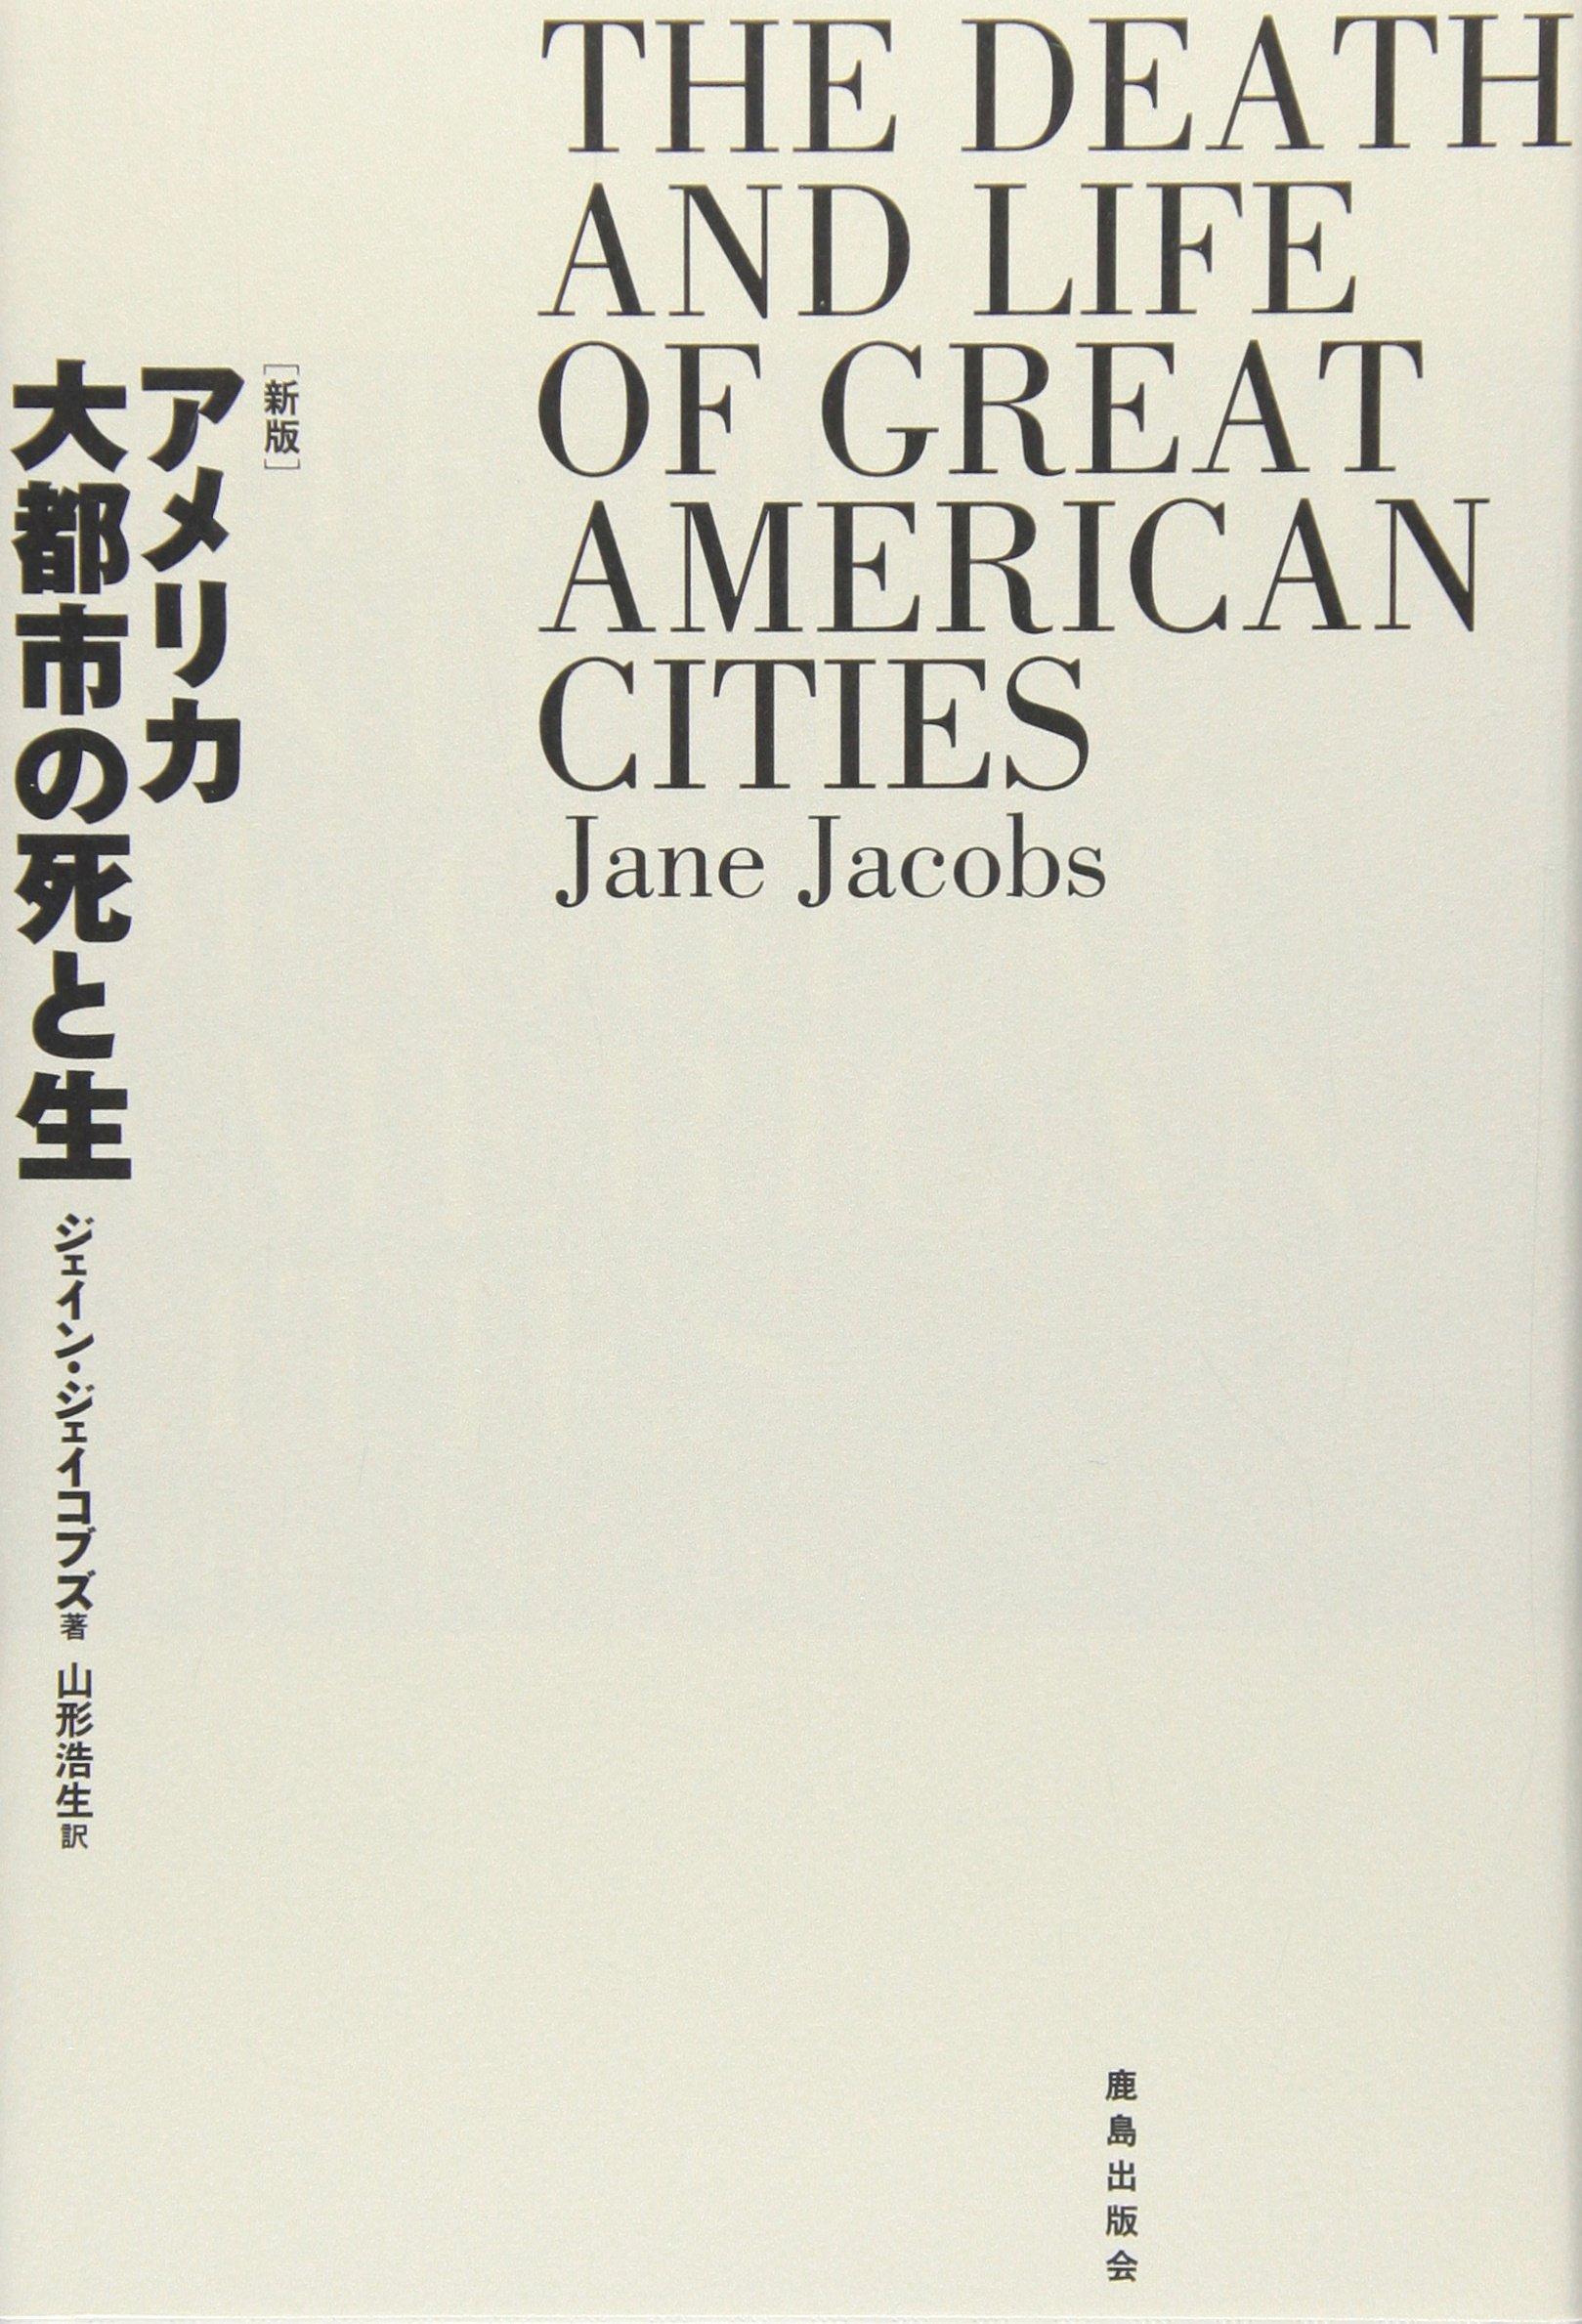 ジェイン・ジェイコブス(2010)『アメリカ大都市の死と生』鹿島出版会